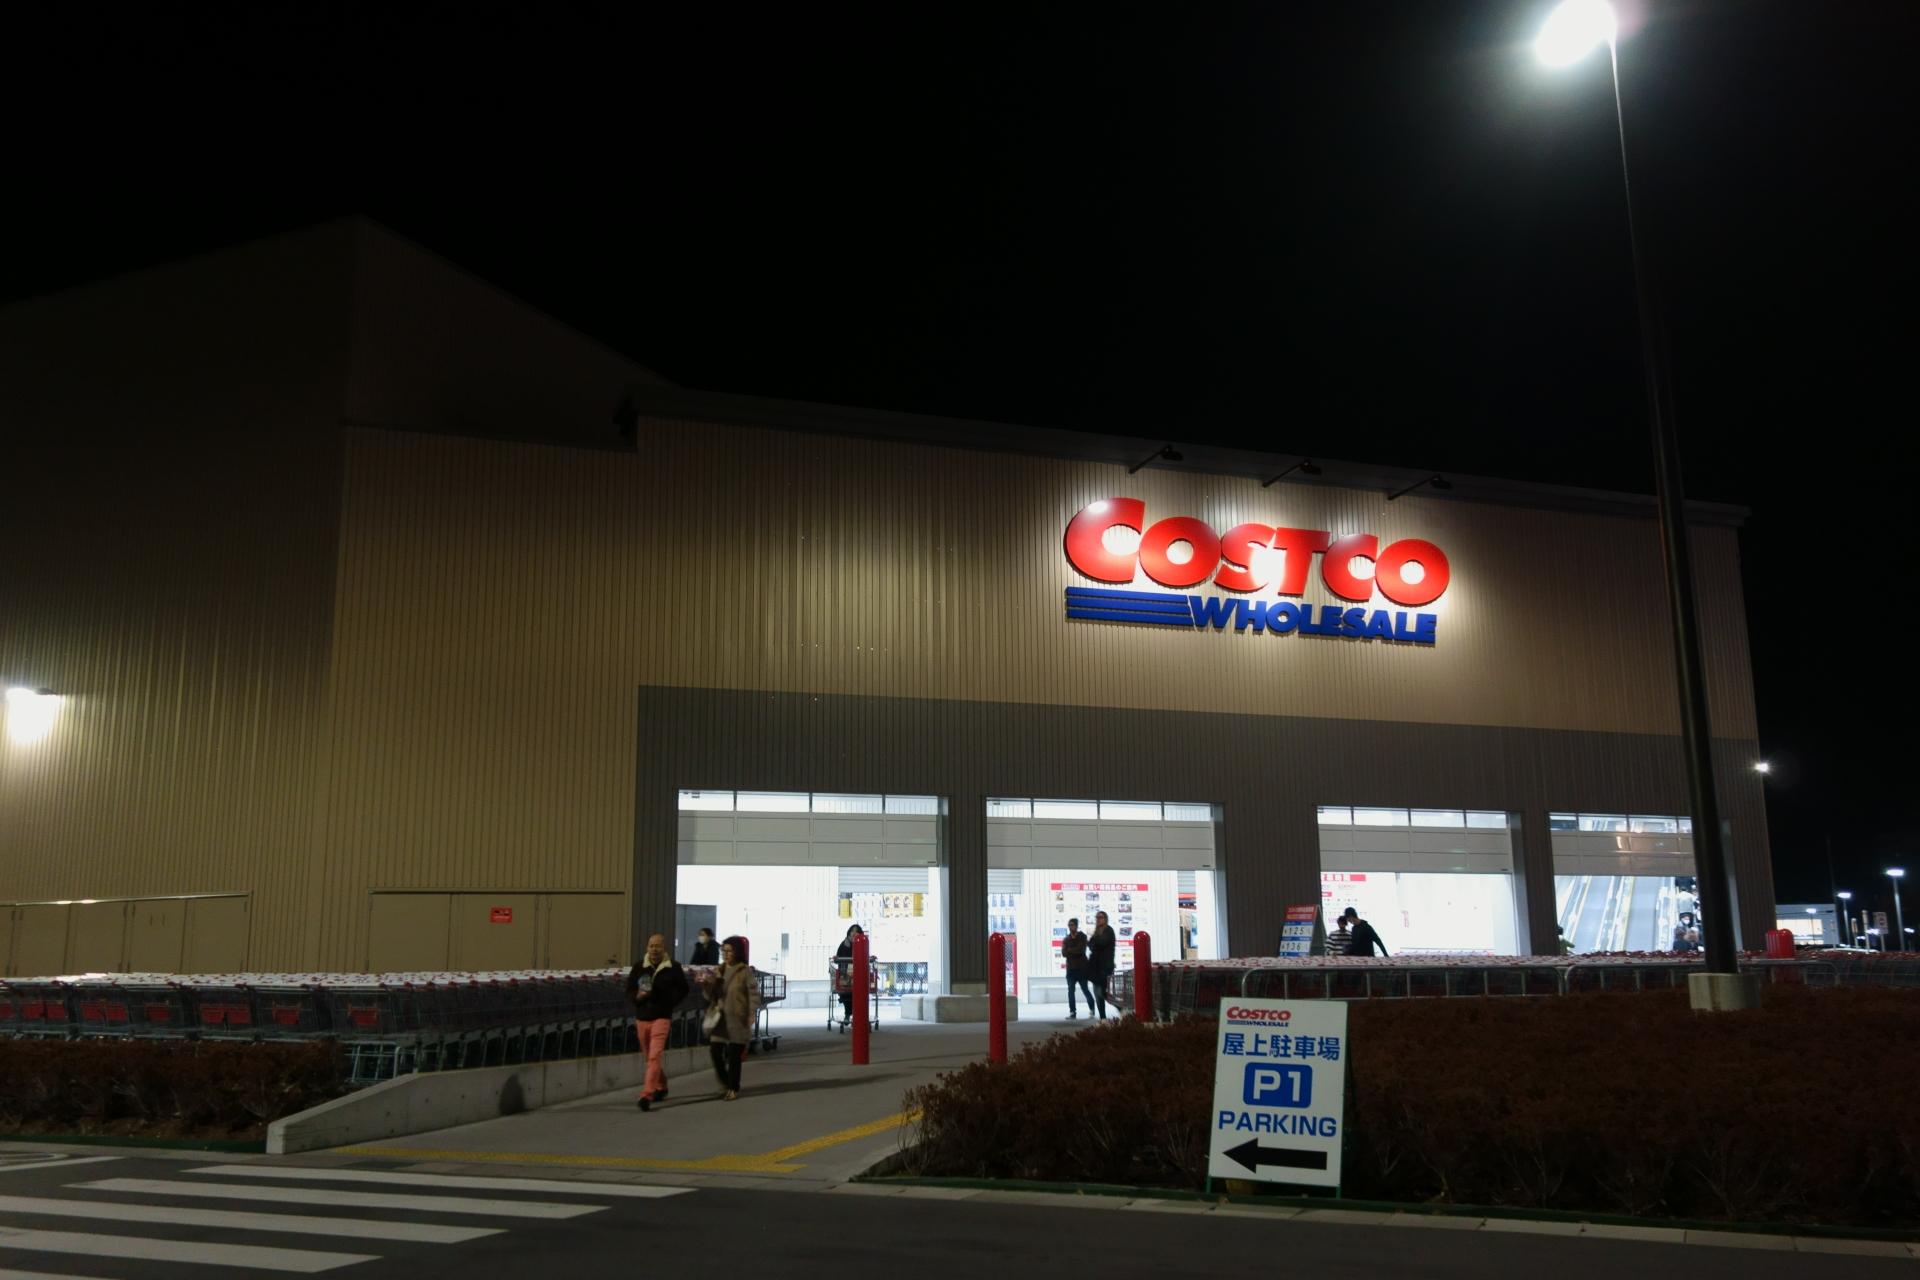 掲示板 コストコ 浜松 コストコ浜松店(静岡)の営業時間とアクセスのまとめ